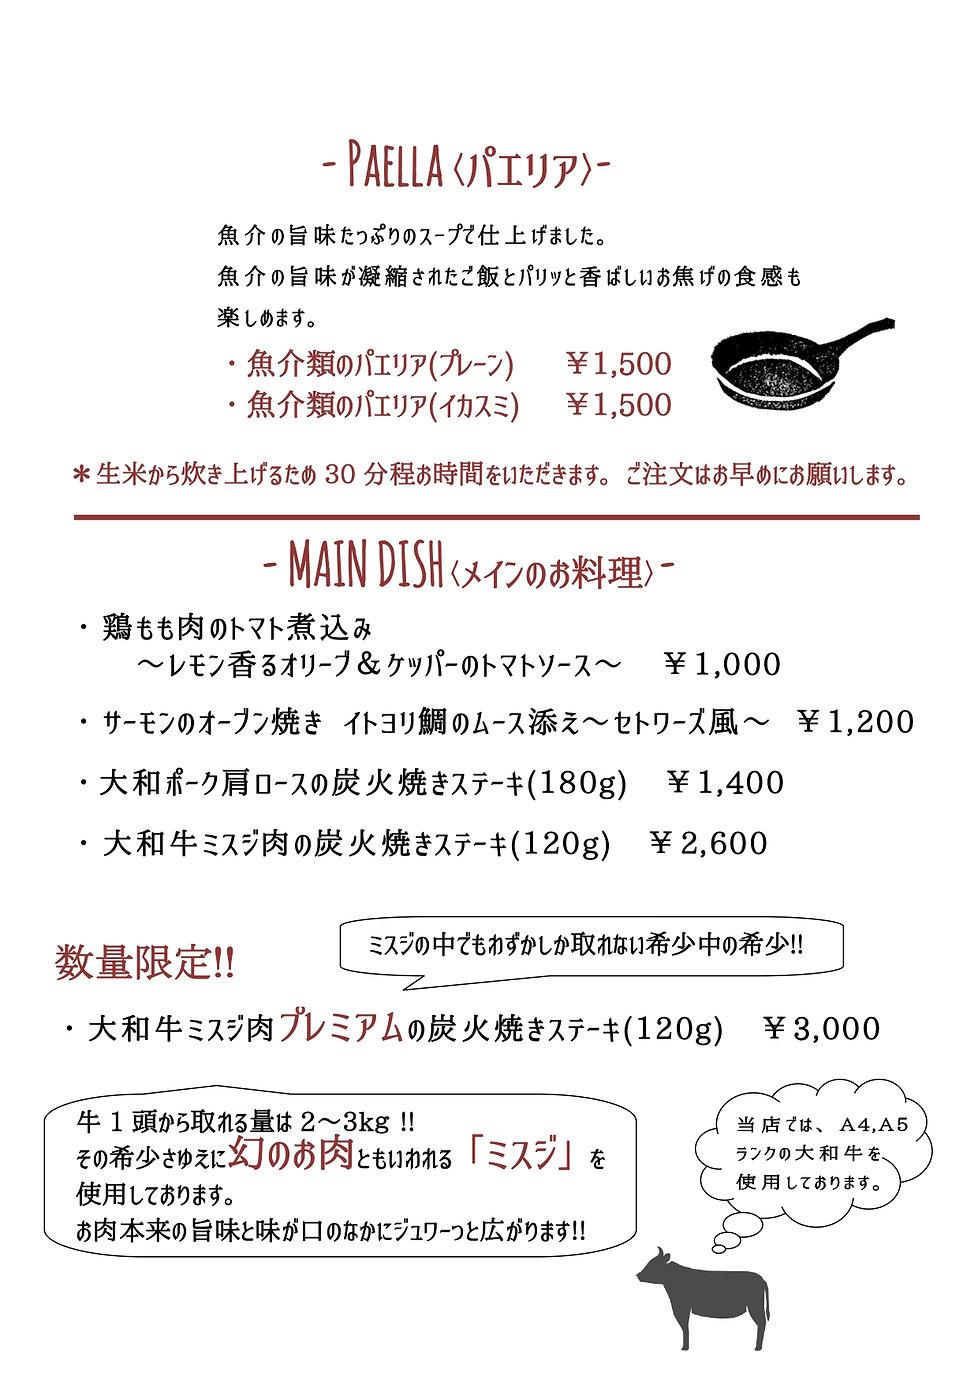 0902ディナーメニュー3 - 変更_page-0001.jpg